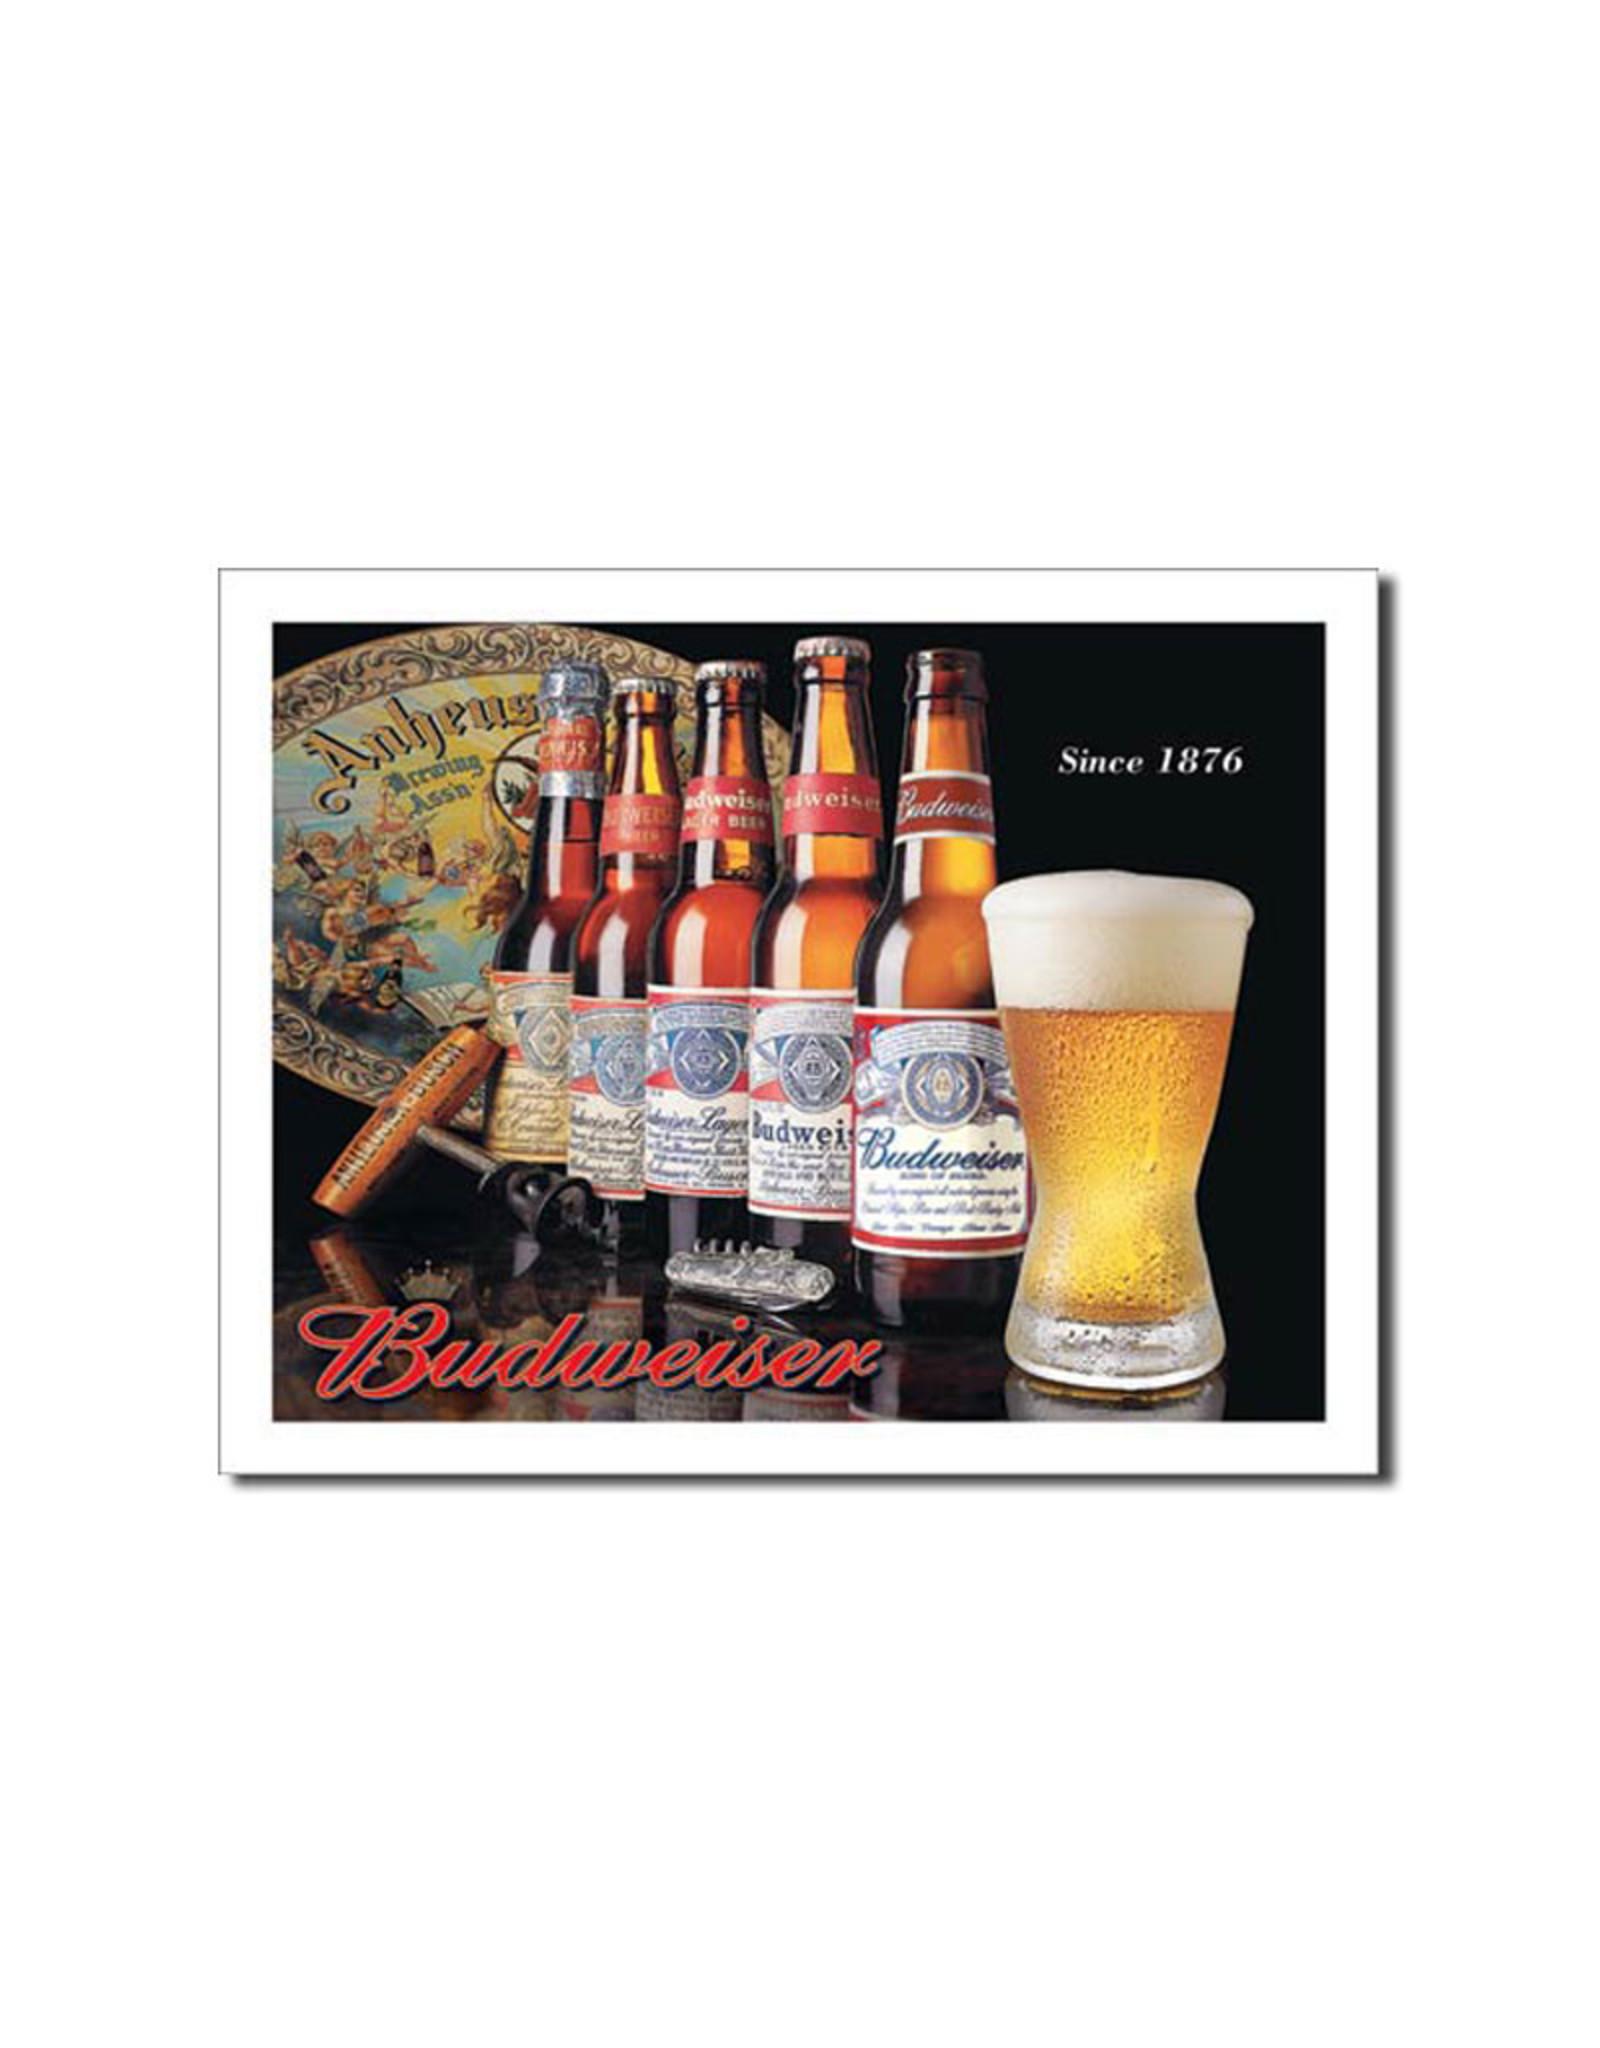 Budweiser ( Affiche de Métal 12.5 X 16 ) Since 1876